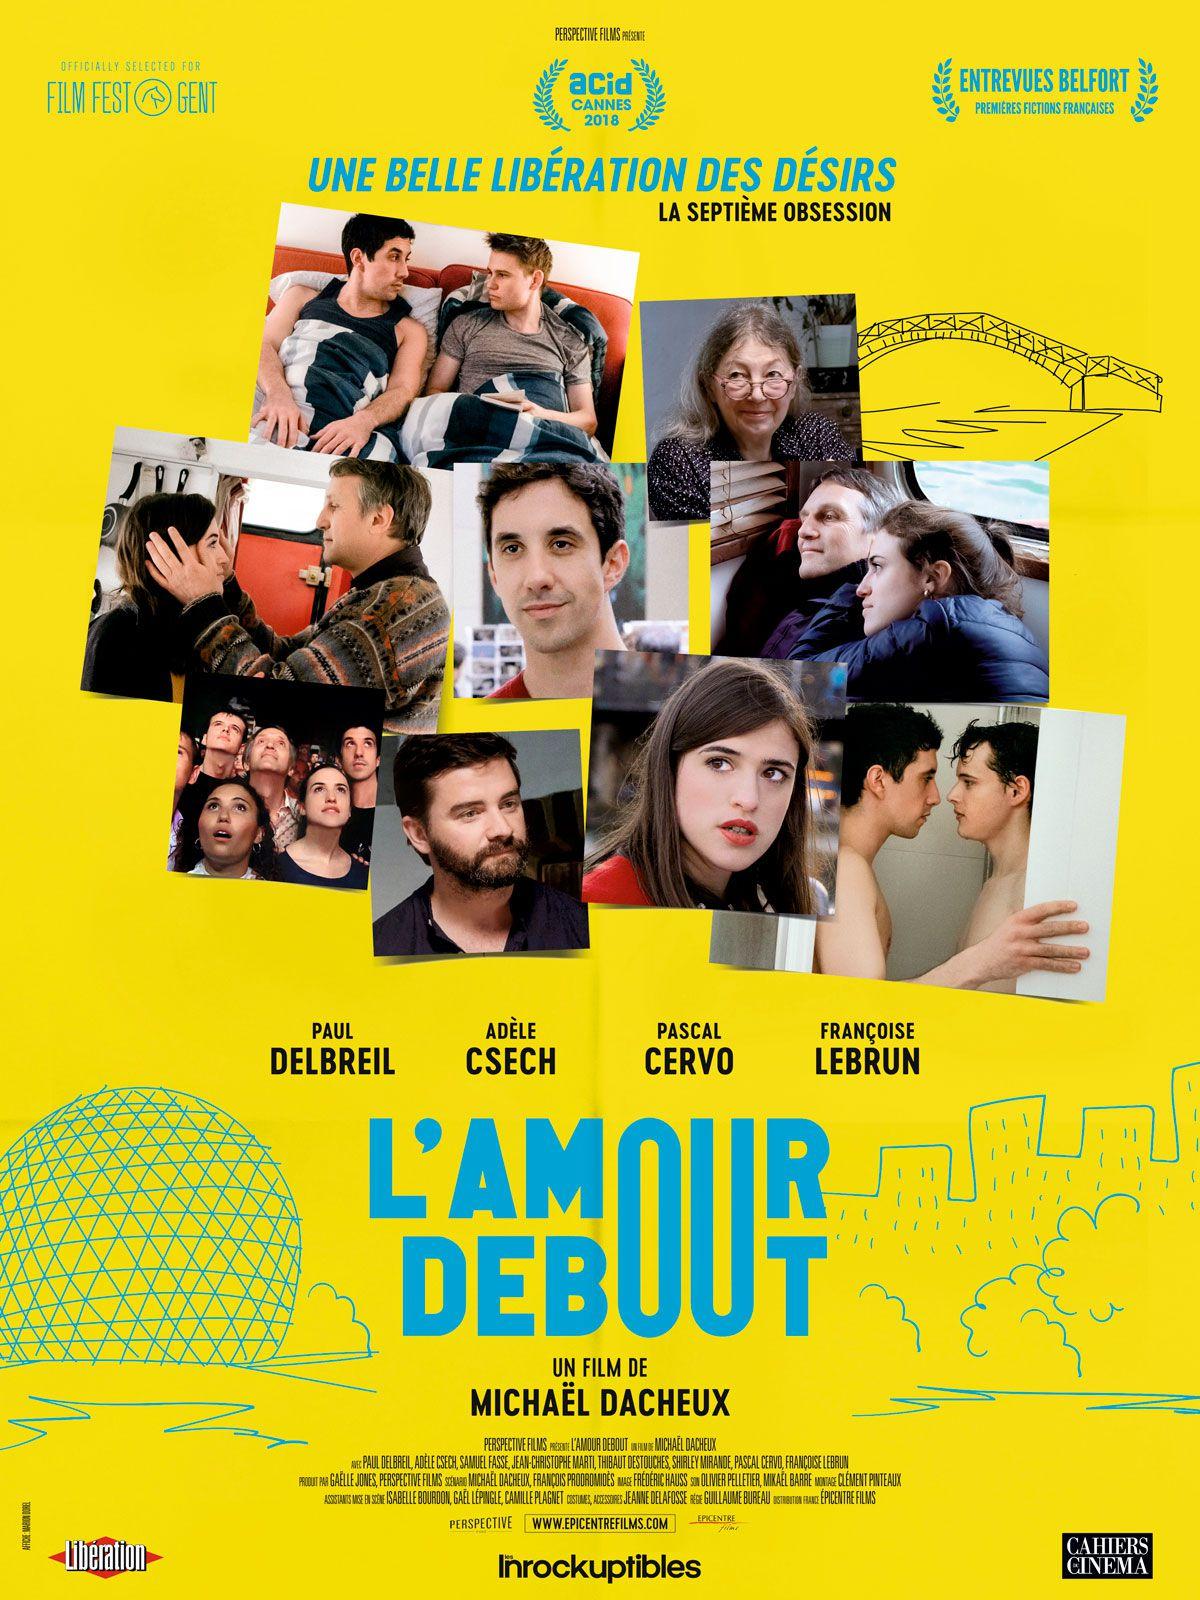 L'Amour debout - Film (2019)